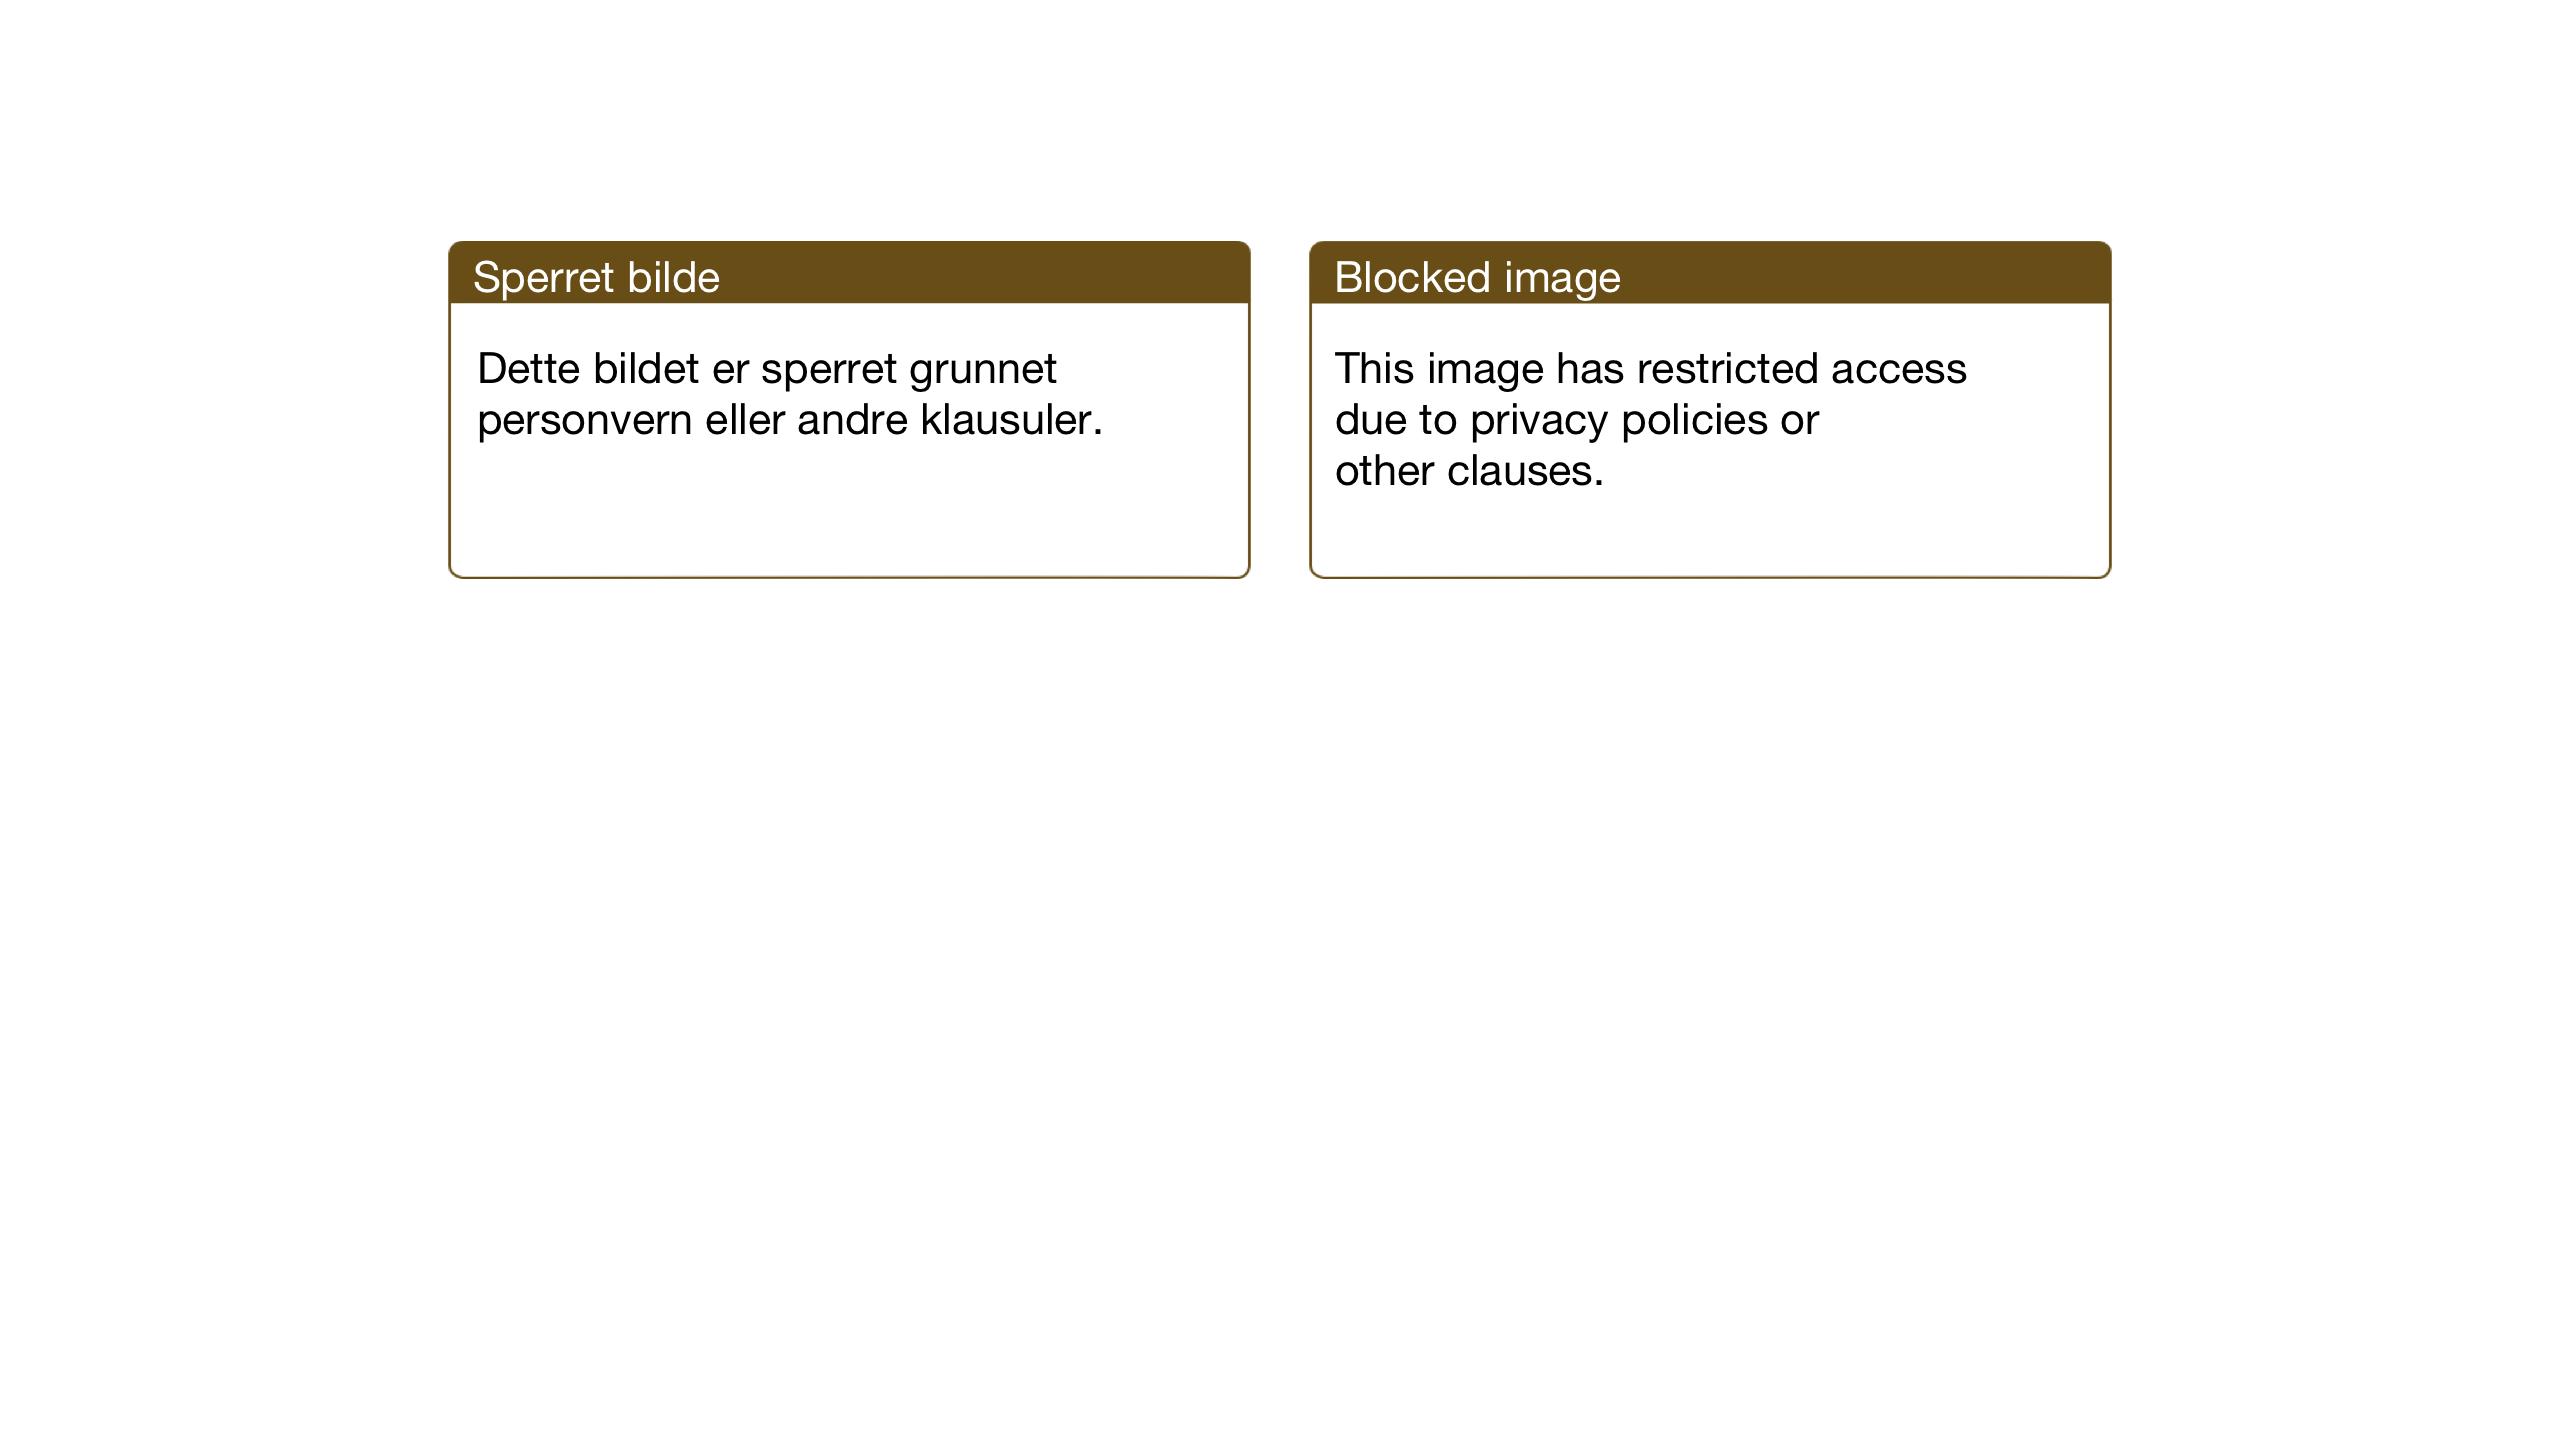 SAT, Ministerialprotokoller, klokkerbøker og fødselsregistre - Nord-Trøndelag, 710/L0097: Klokkerbok nr. 710C02, 1925-1955, s. 92